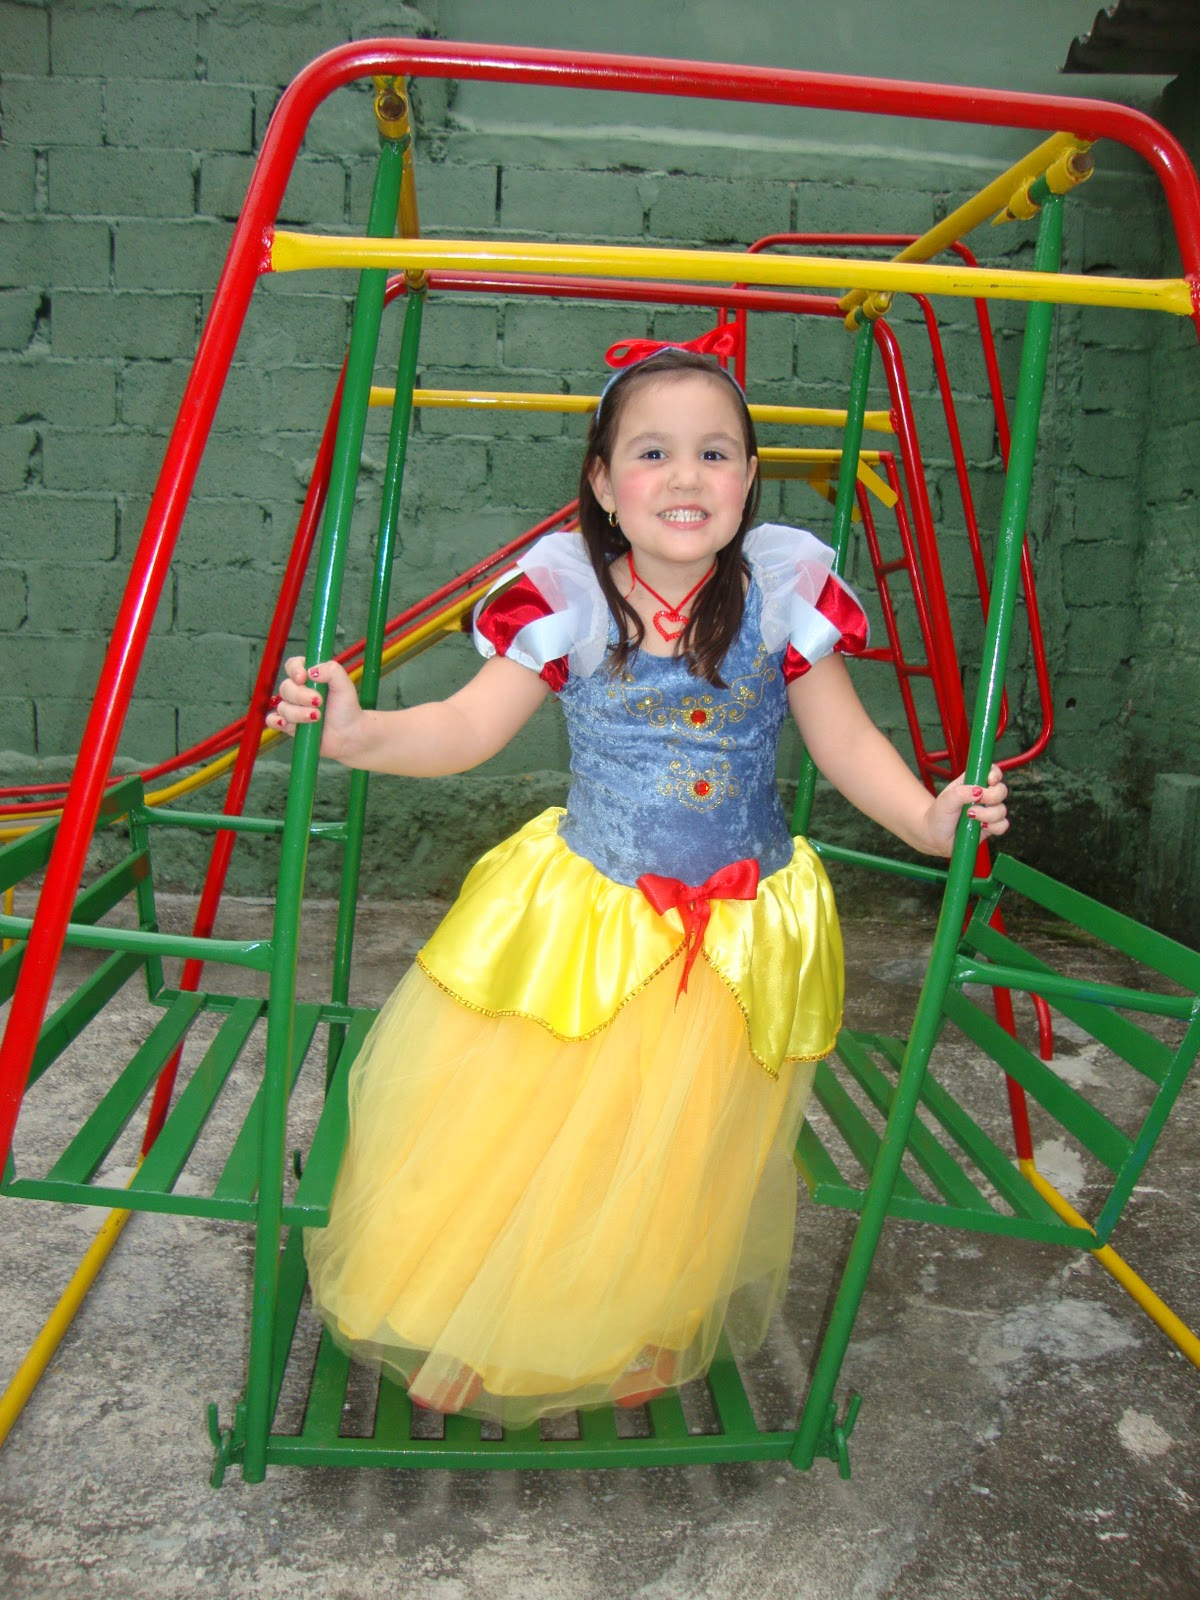 http://3.bp.blogspot.com/_XLIuhncTfGk/TMgEZ4eJy3I/AAAAAAAAAA4/t9AUAC7goZ8/s1600/Niver+04+Anos+-+Princesas+036.jpg